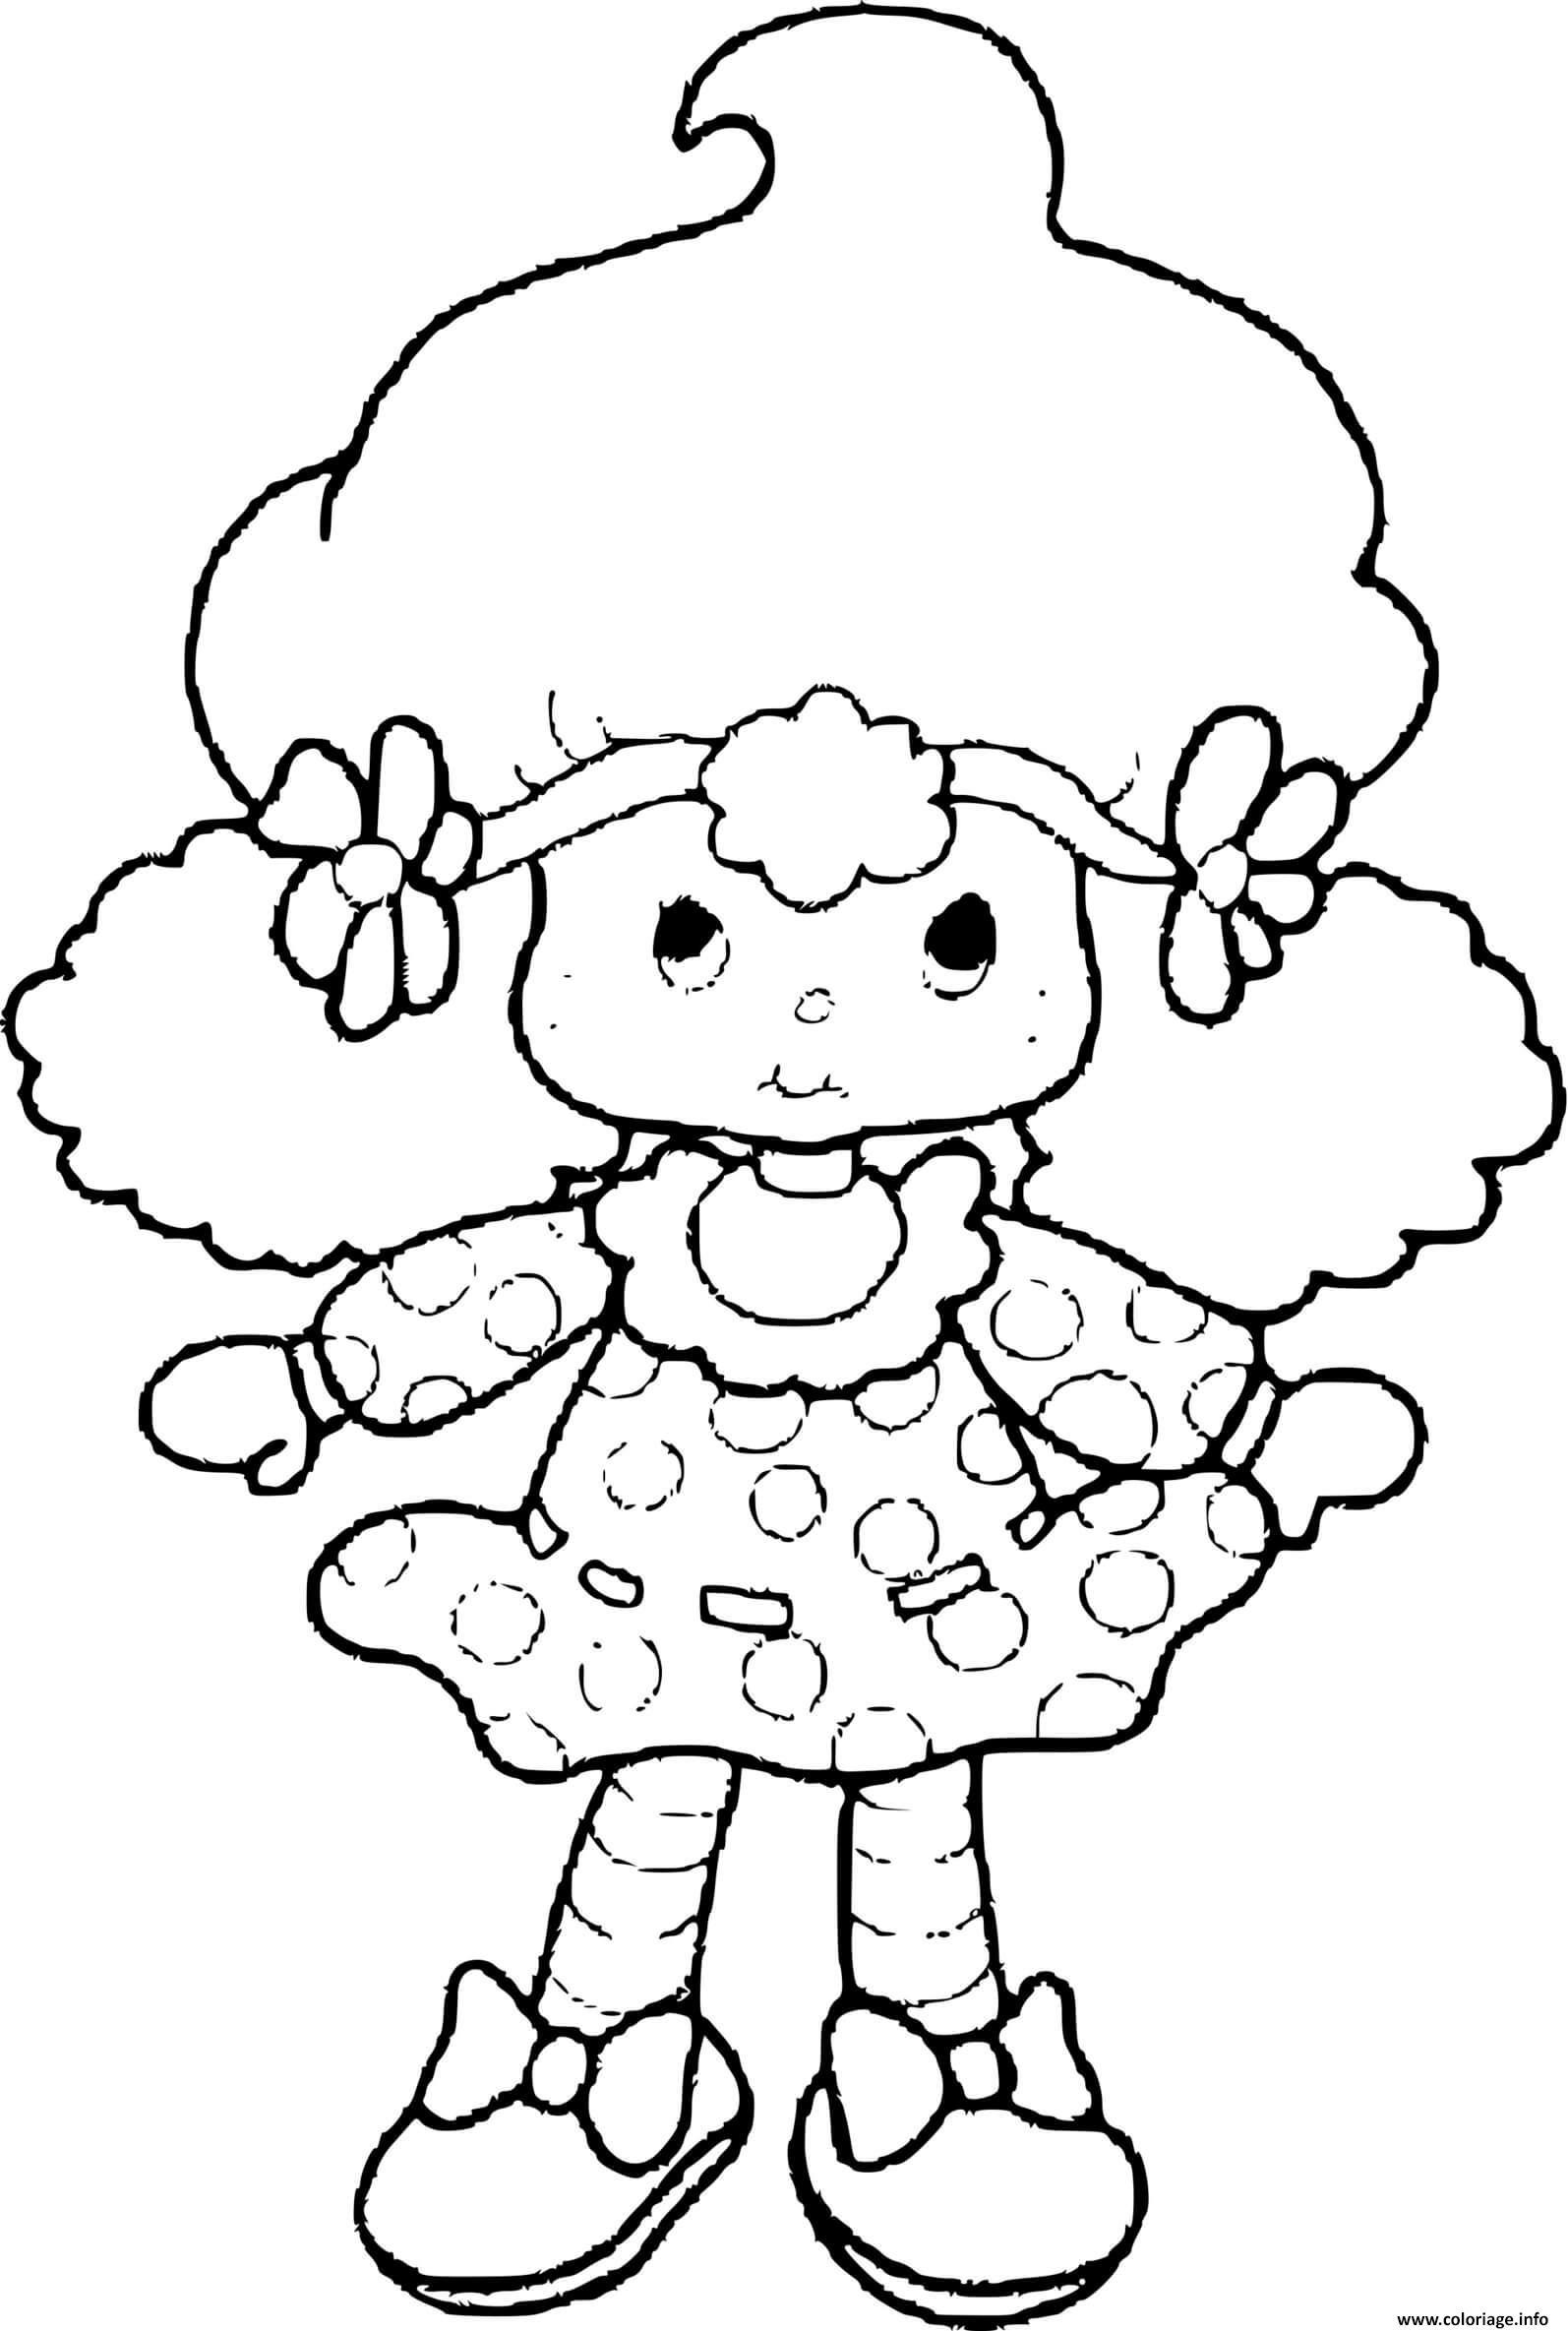 Dessin poupee Charlotte aux fraises  Coloriage Gratuit à Imprimer